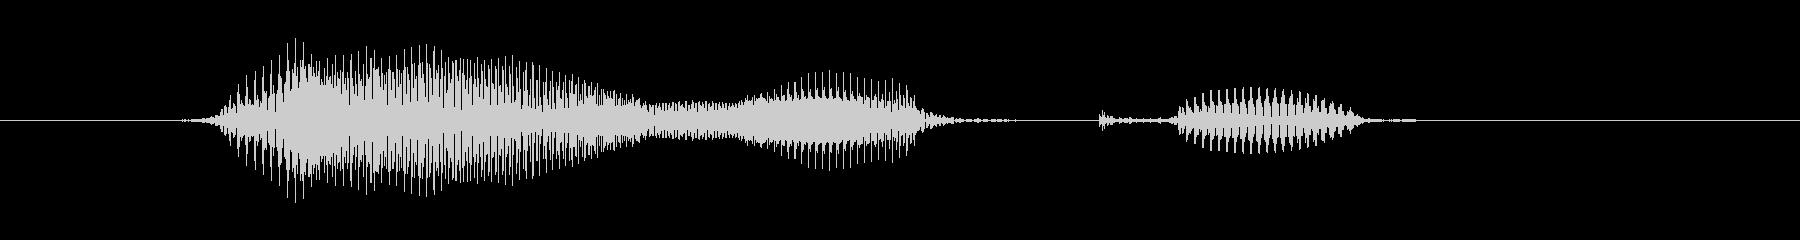 洋楽の未再生の波形